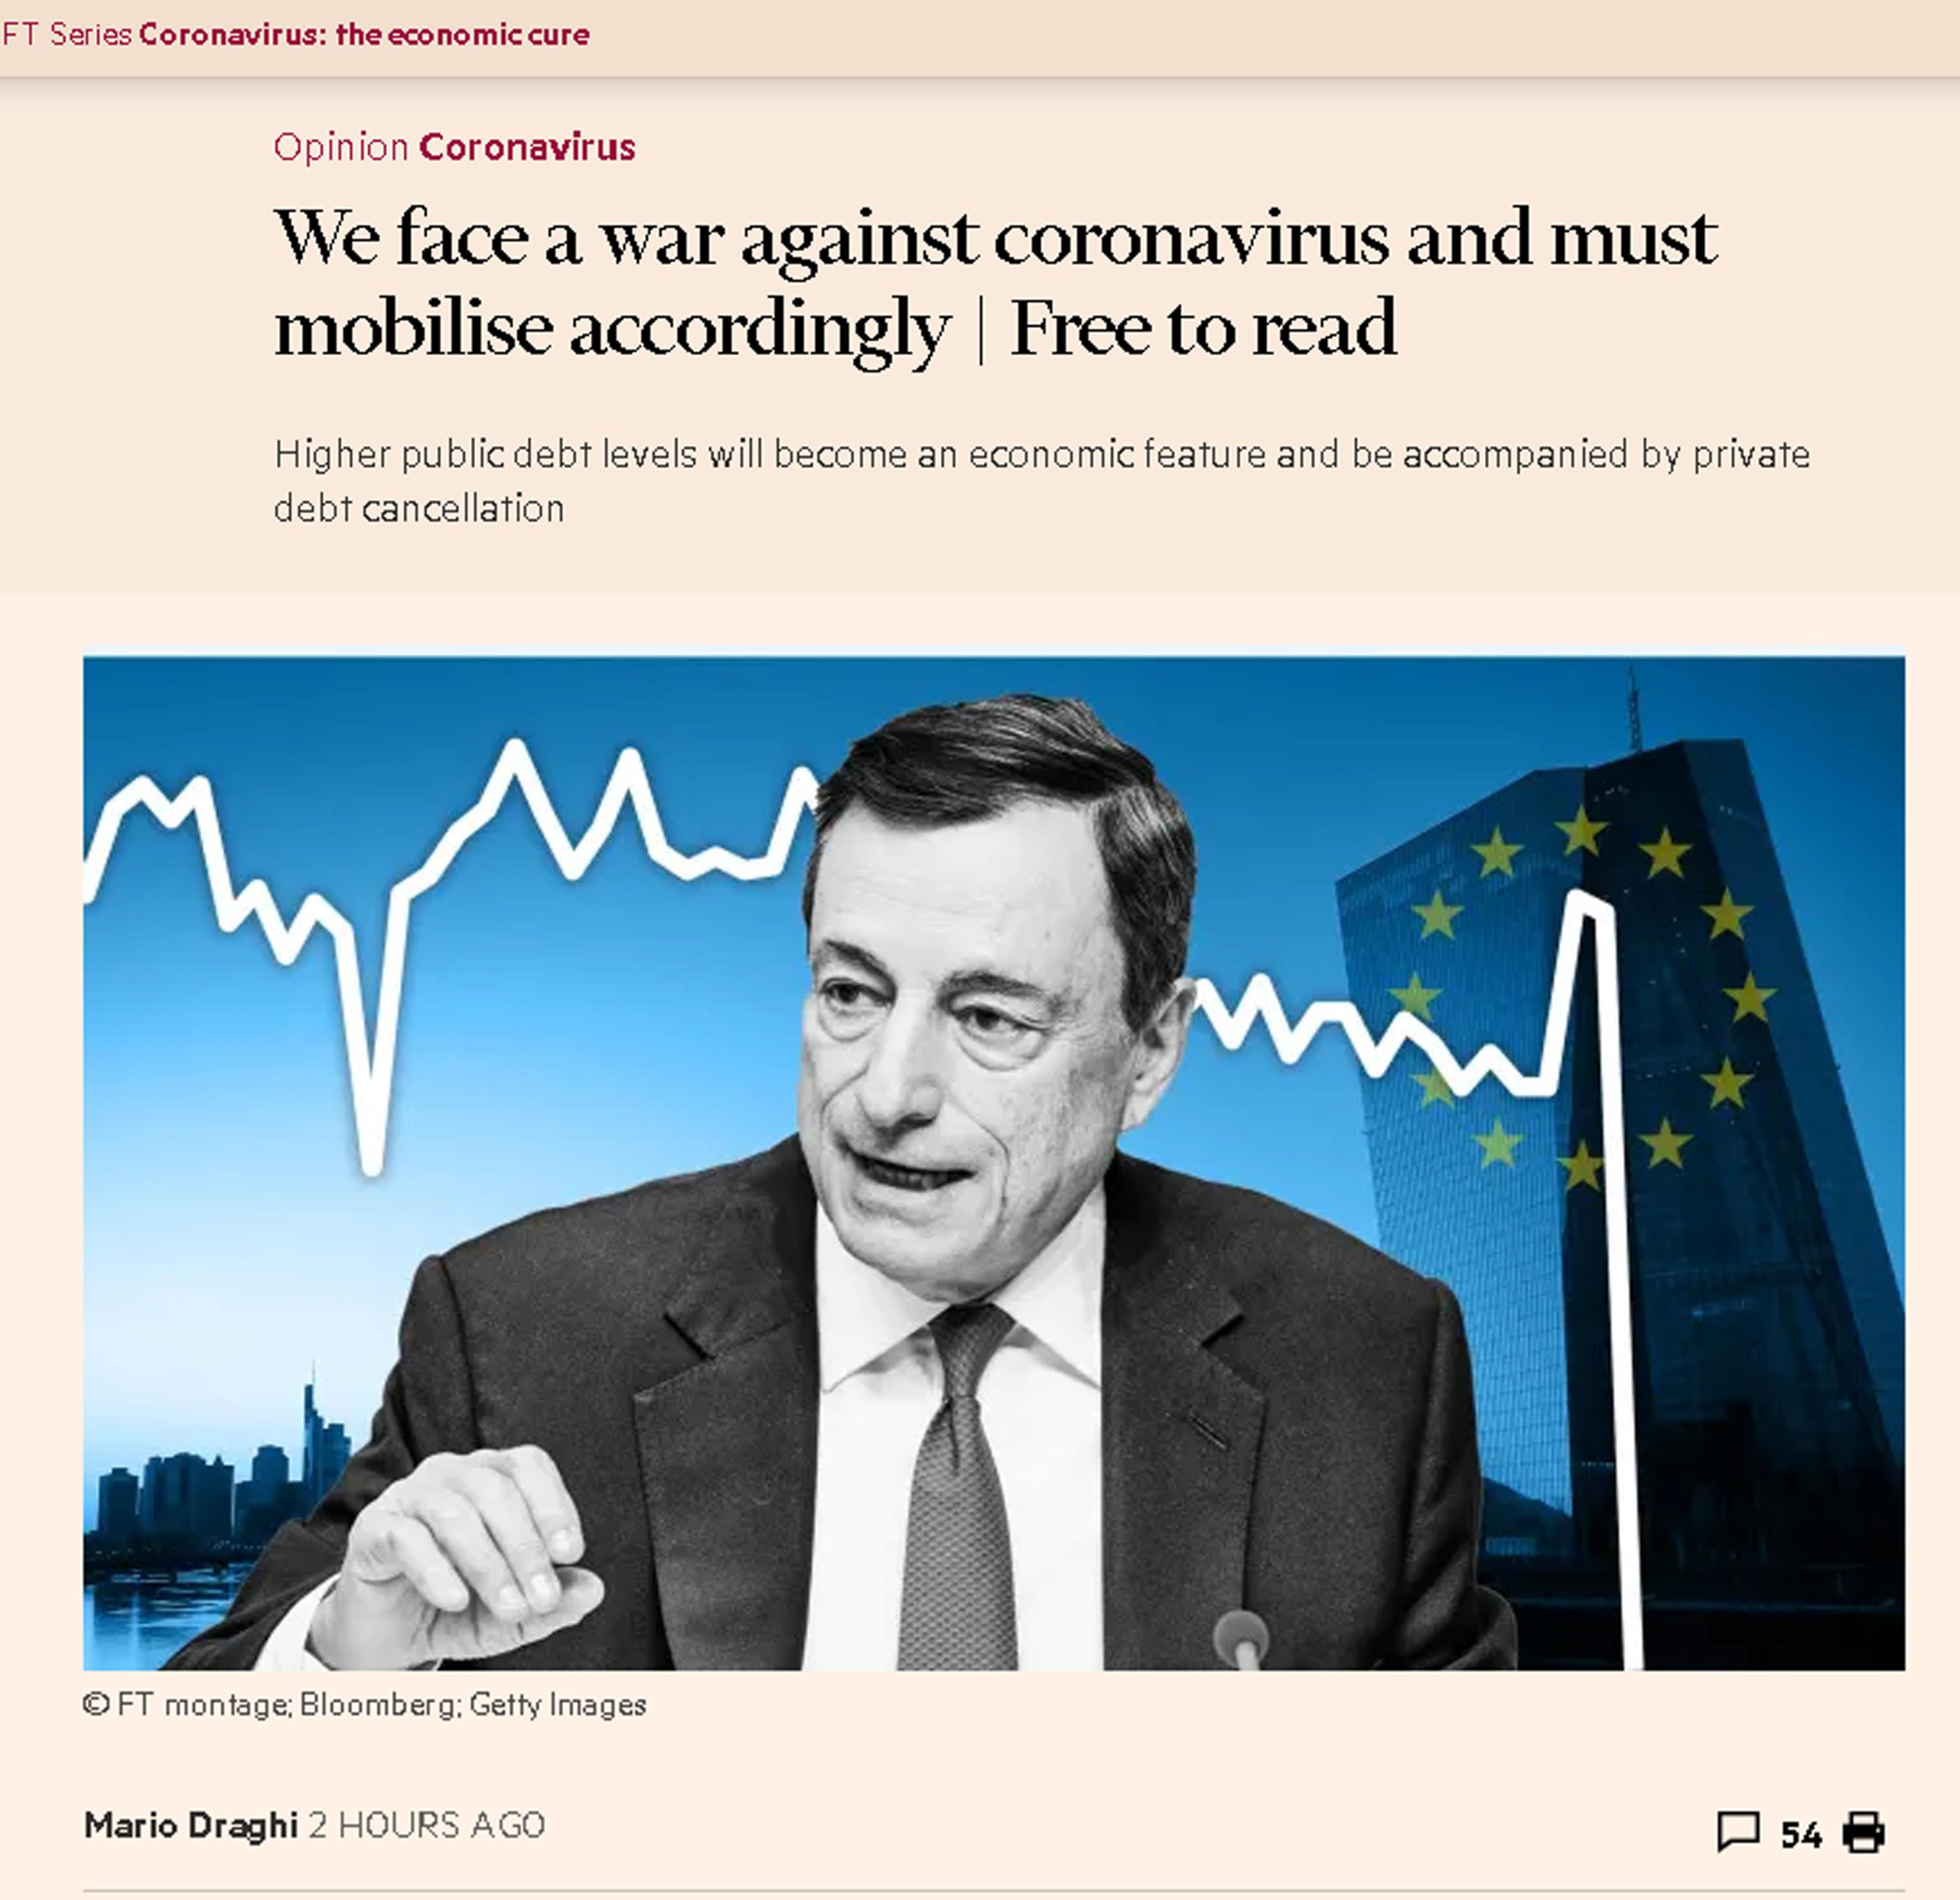 Mario Draghi: Il coronavirus ci pone di fronte a una guerra e dobbiamo mobilitarci di conseguenza